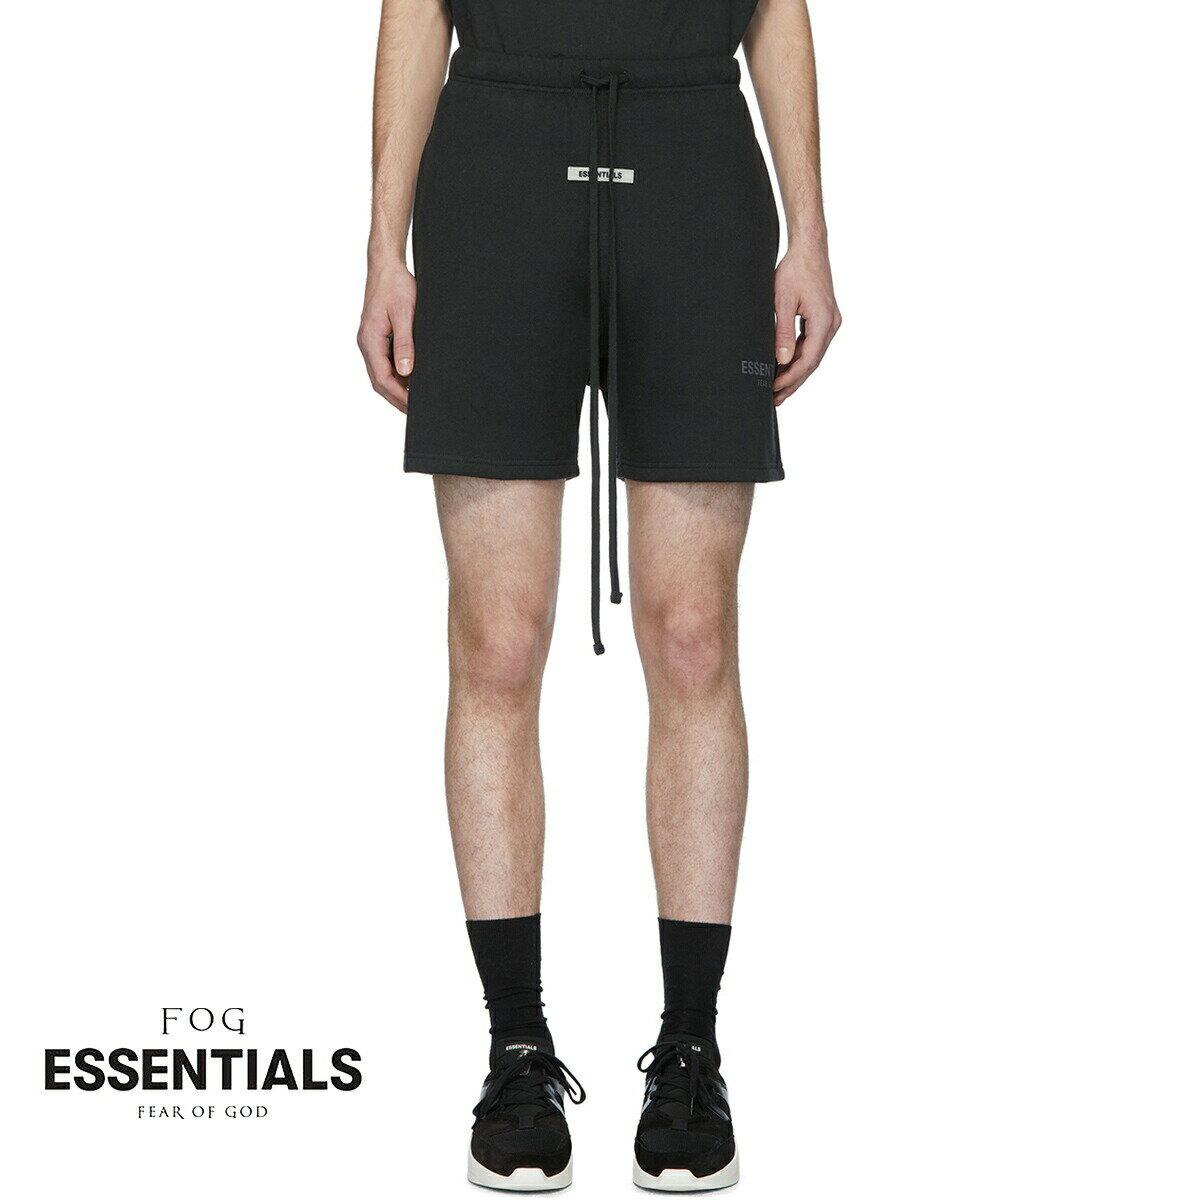 メンズウェア, パンツ  FOG Fear Of God Essentials Black Sweatpants